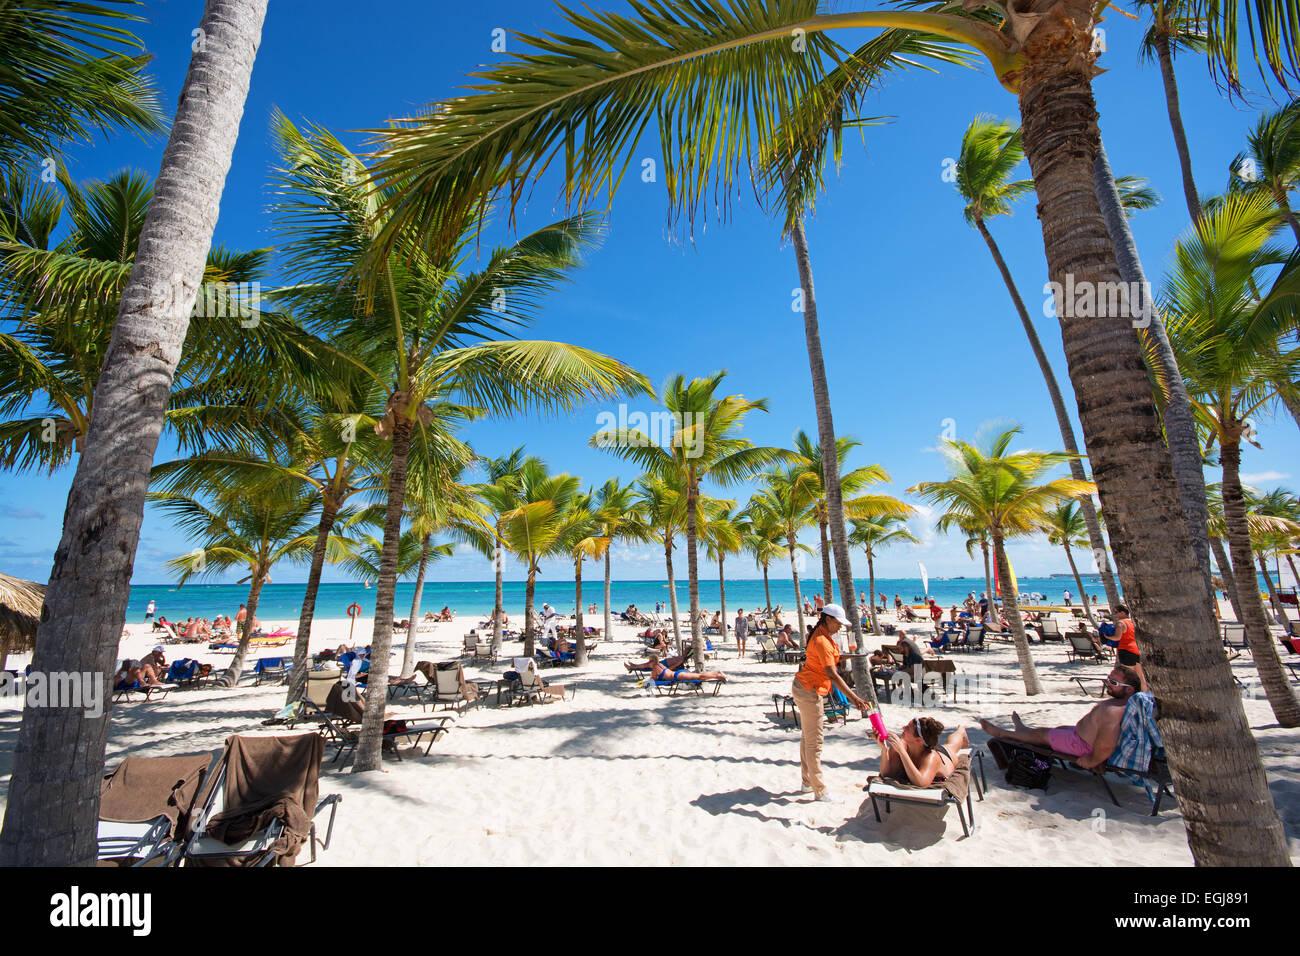 República Dominicana. La playa Punta Cana. En el año 2015. Imagen De Stock